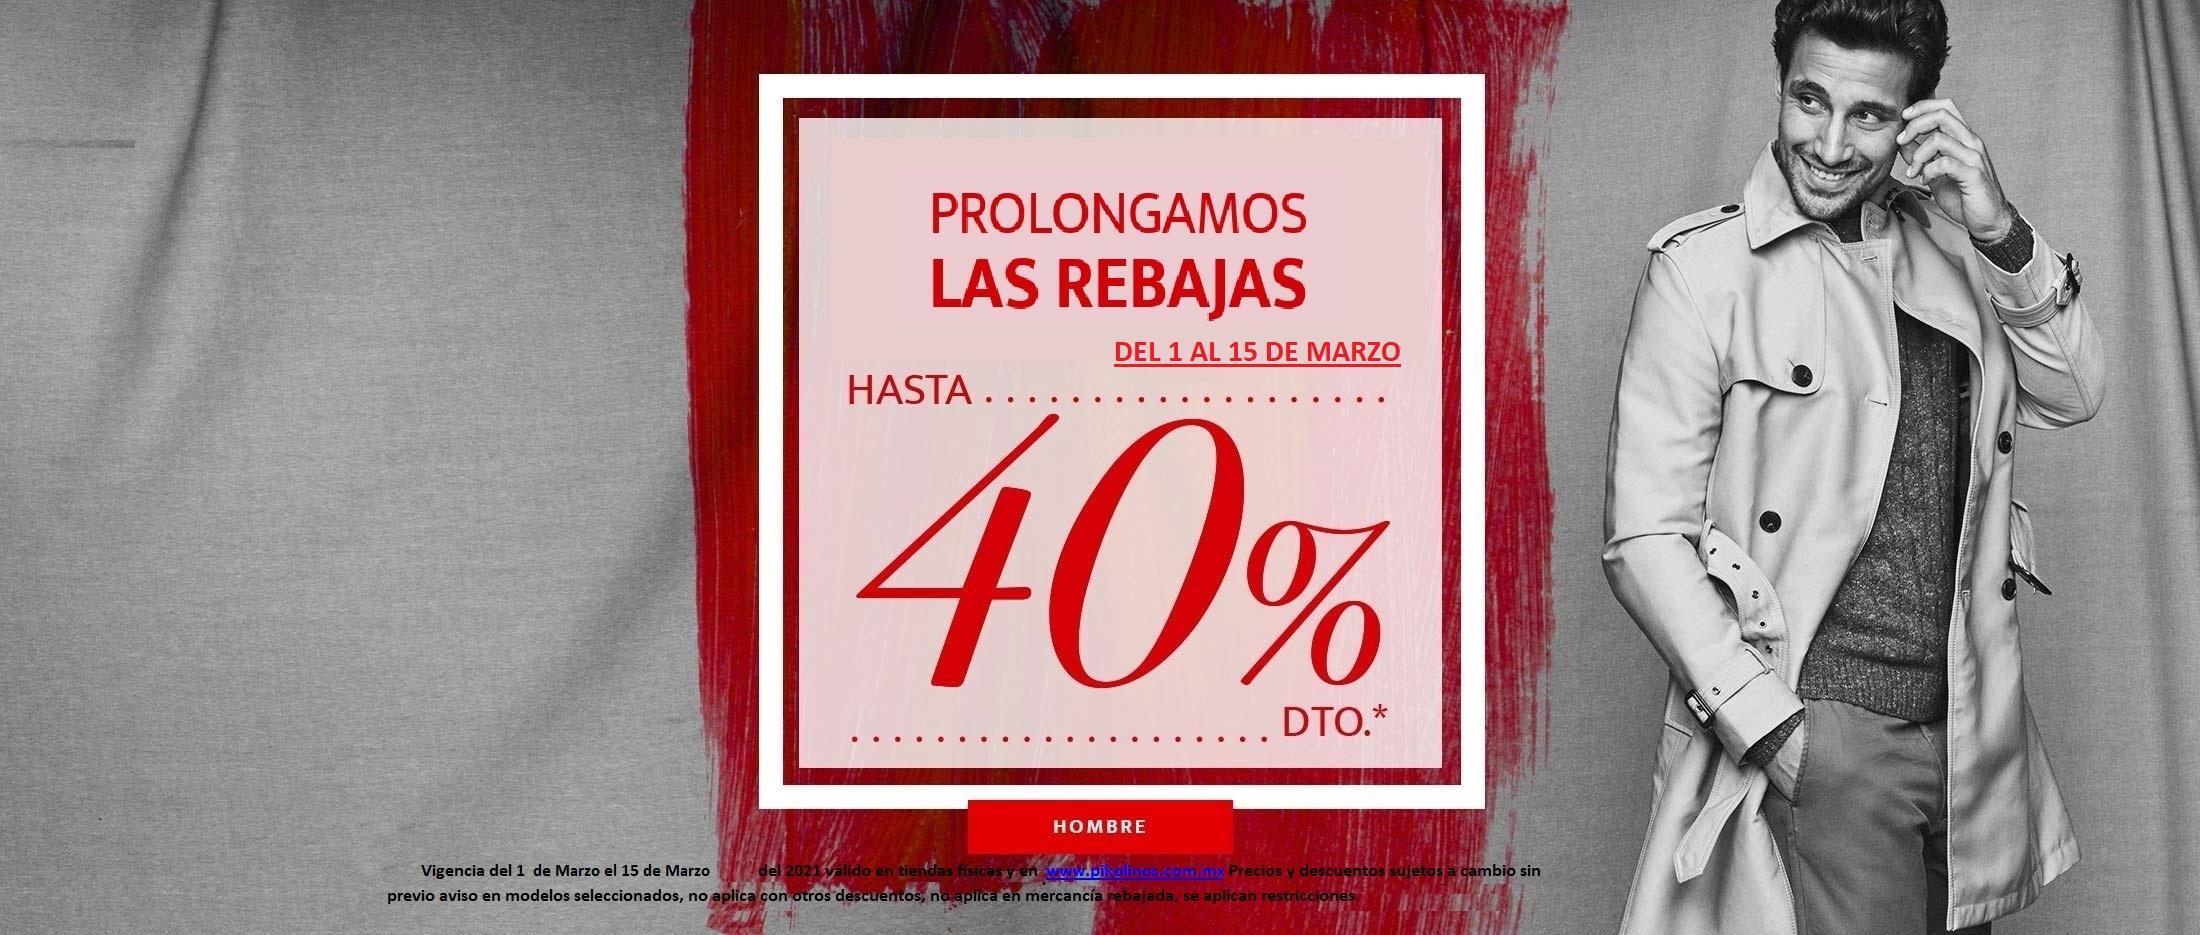 PROLONGAMOS LAS REBAJAS  40 HOMBRE